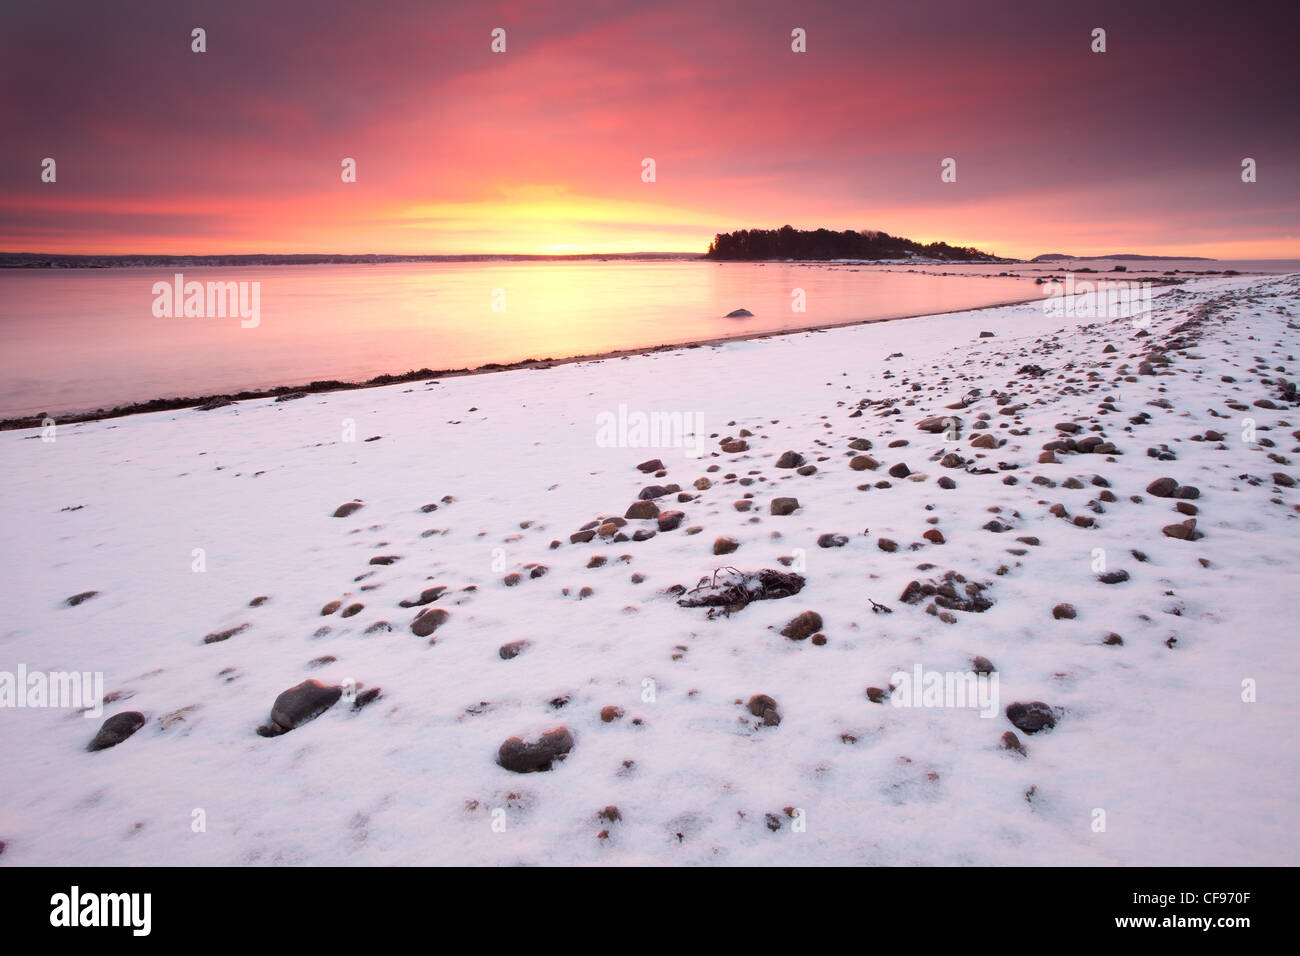 Wintermorgen am Larkollen in Rygge, Østfold Fylke, Norwegen. Stockbild